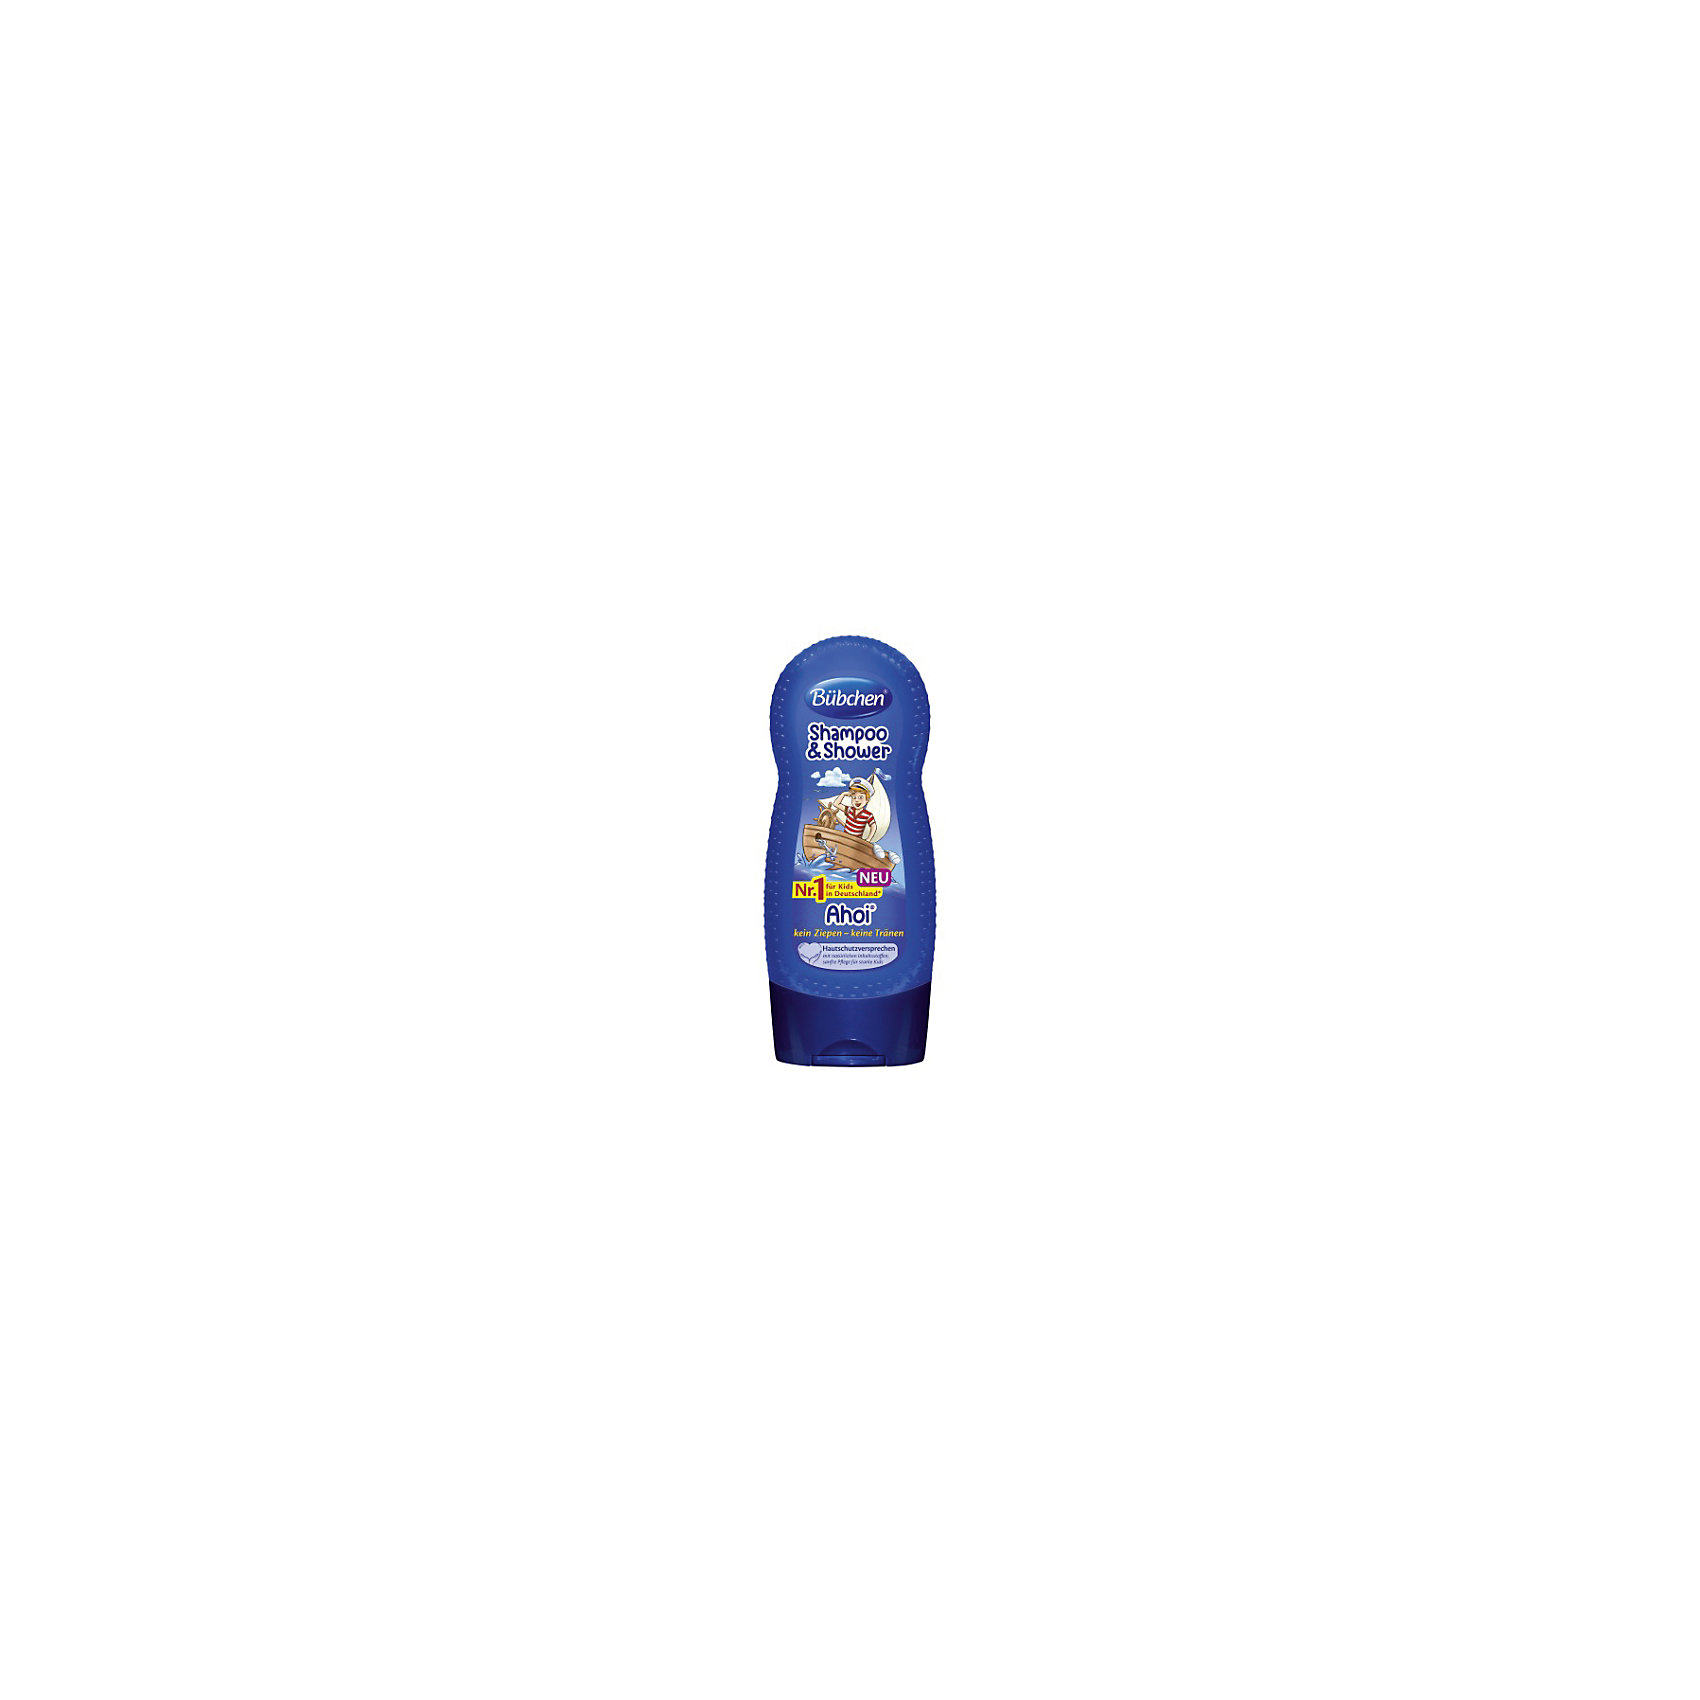 Шампунь мытья волос и тела Йо хо хо, BUBCHEN, 230 мл.